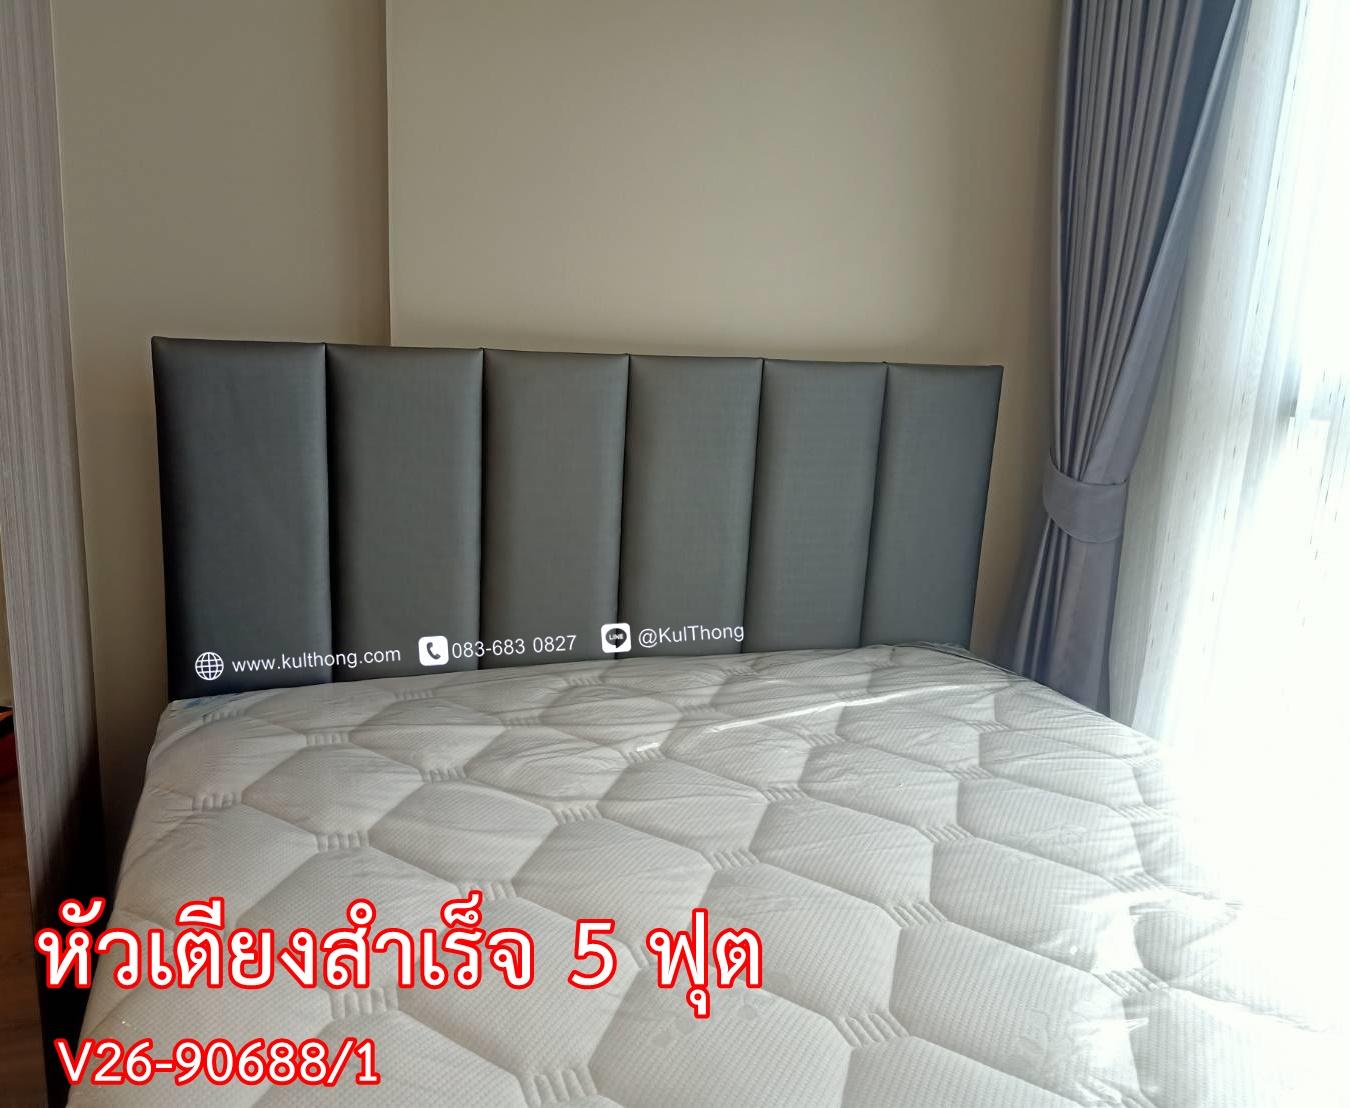 หัวเตียงอย่างเดียว แผ่นหัวเตียง หัวเตียงแขวนผนัง